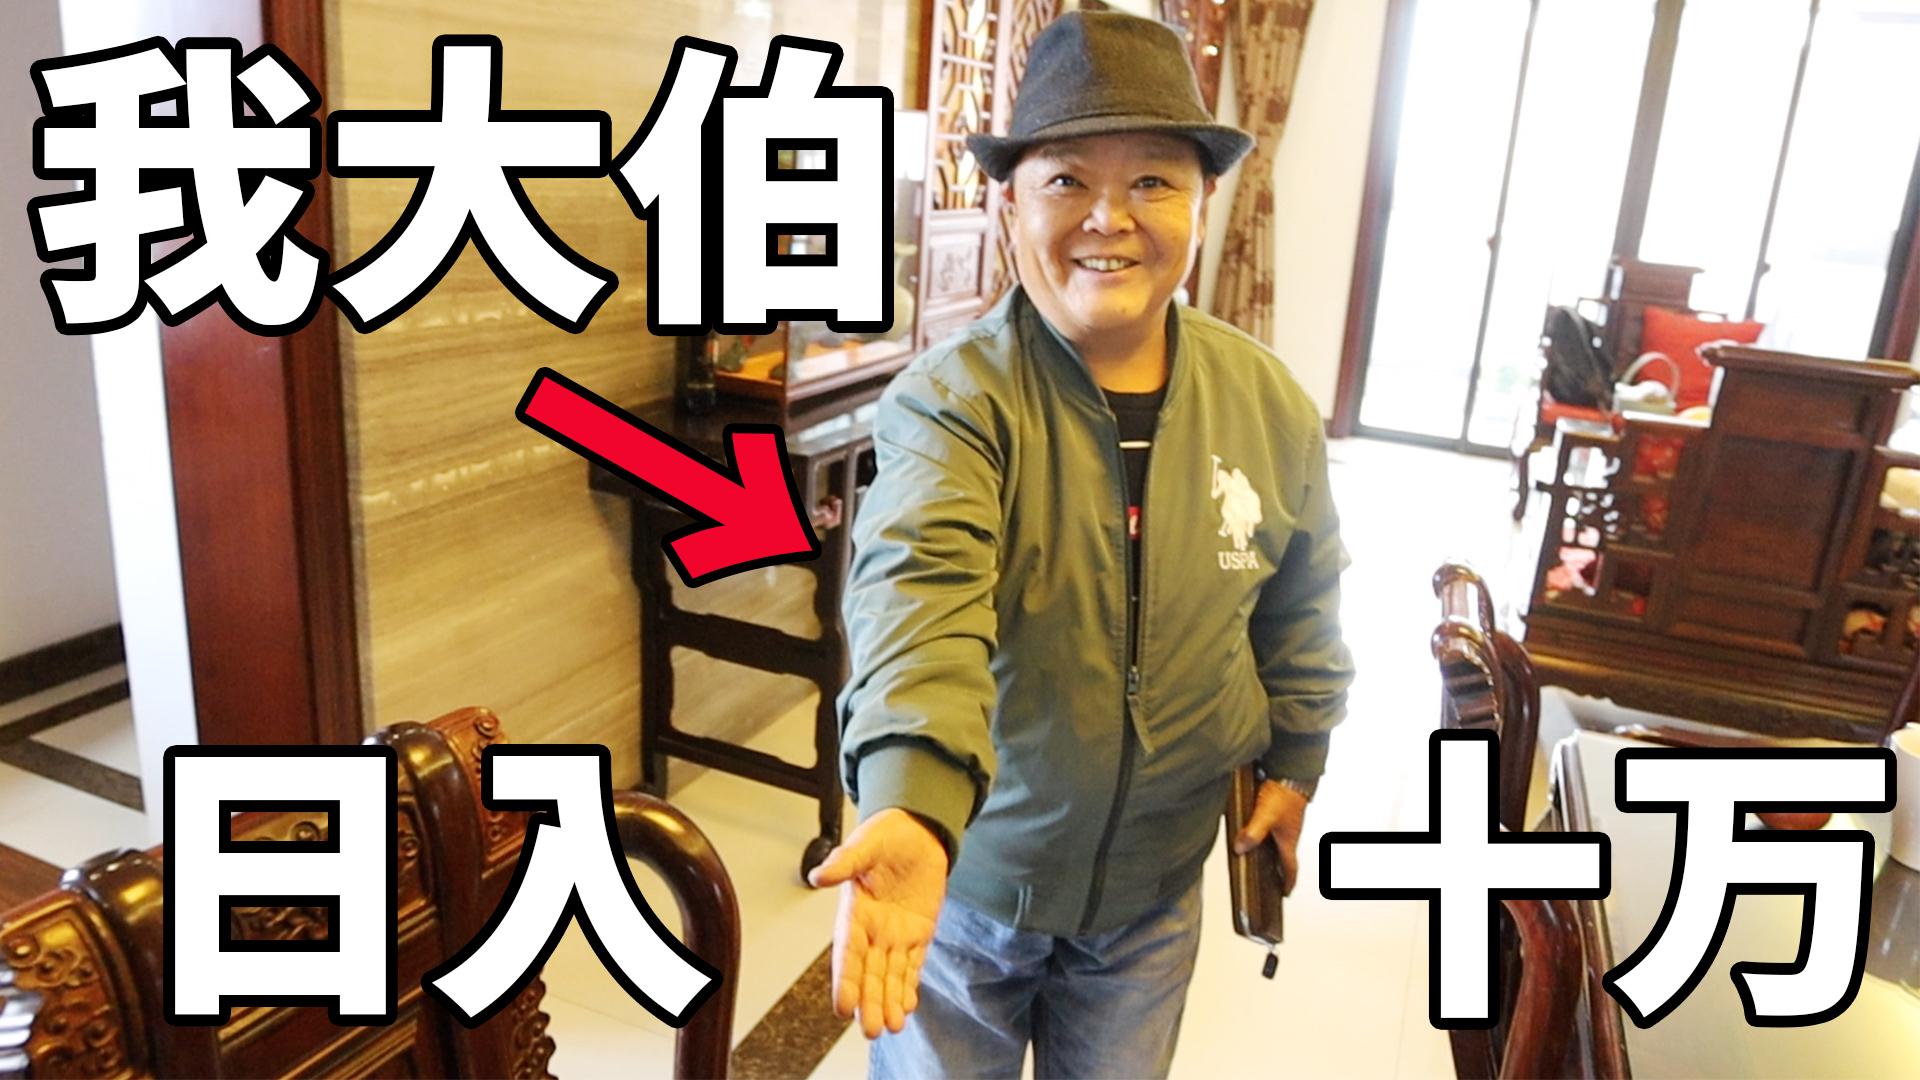 上海老人的退休工资,竟然能买房!?